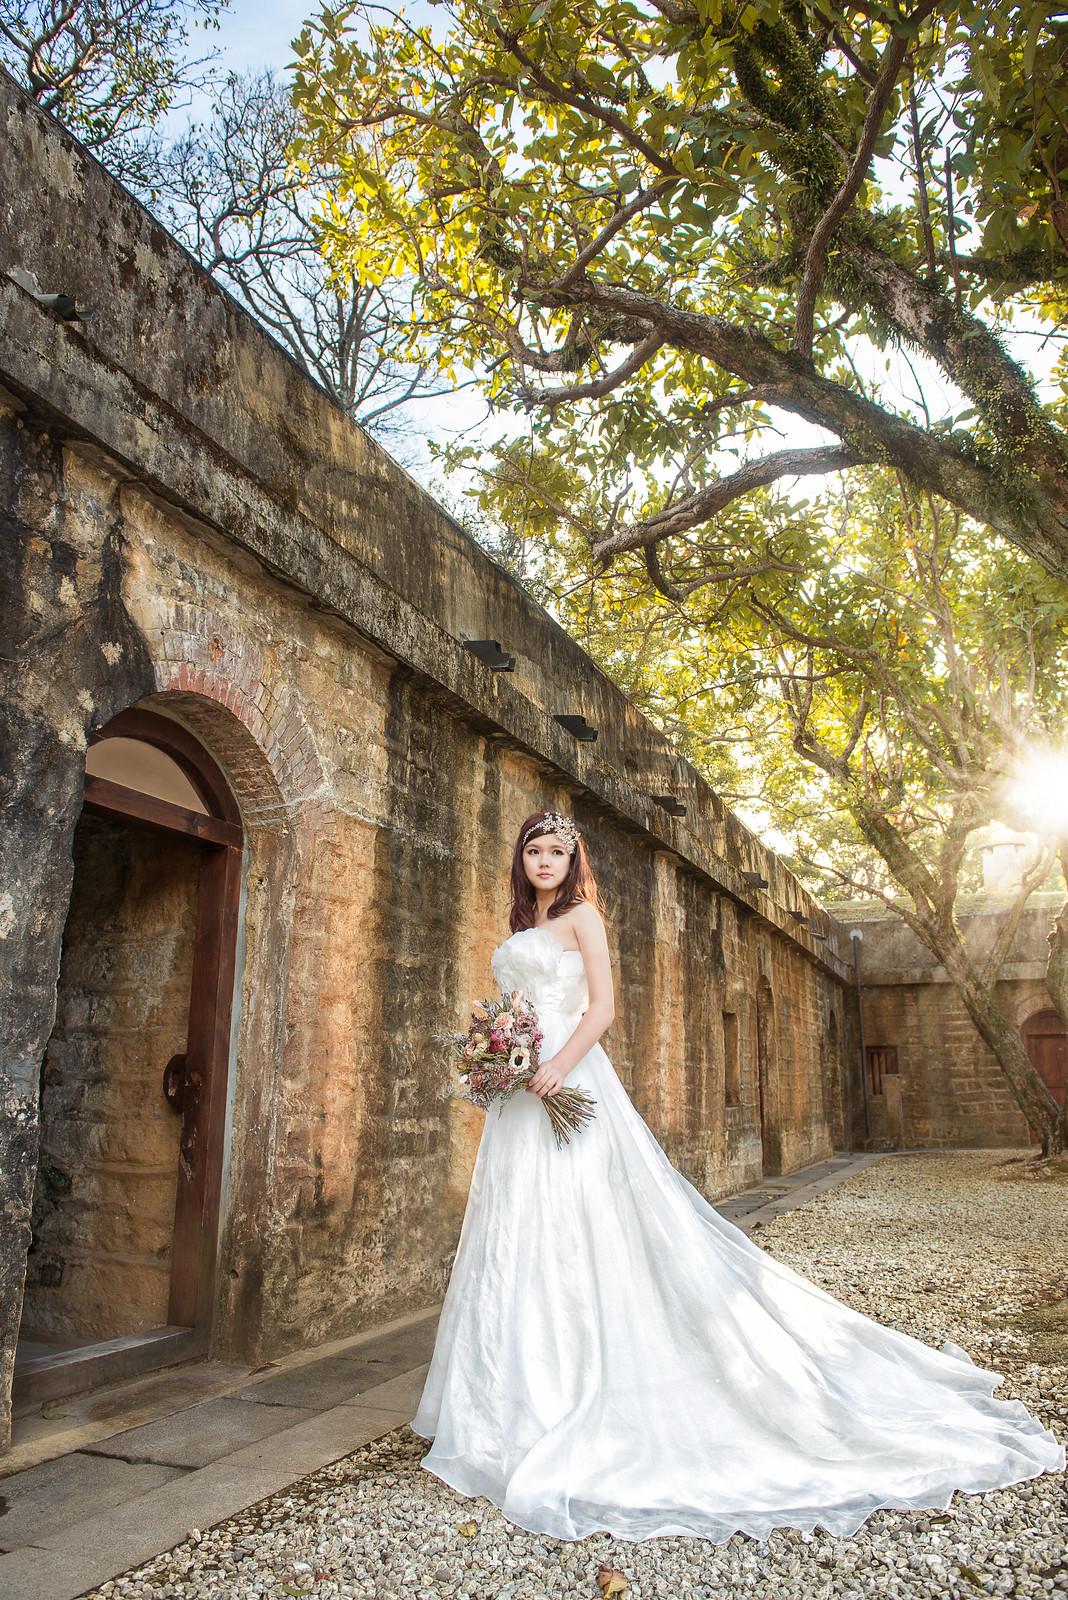 淡水婚紗景點,滬尾砲台婚紗,夕陽婚紗,逆光婚紗,古蹟婚紗